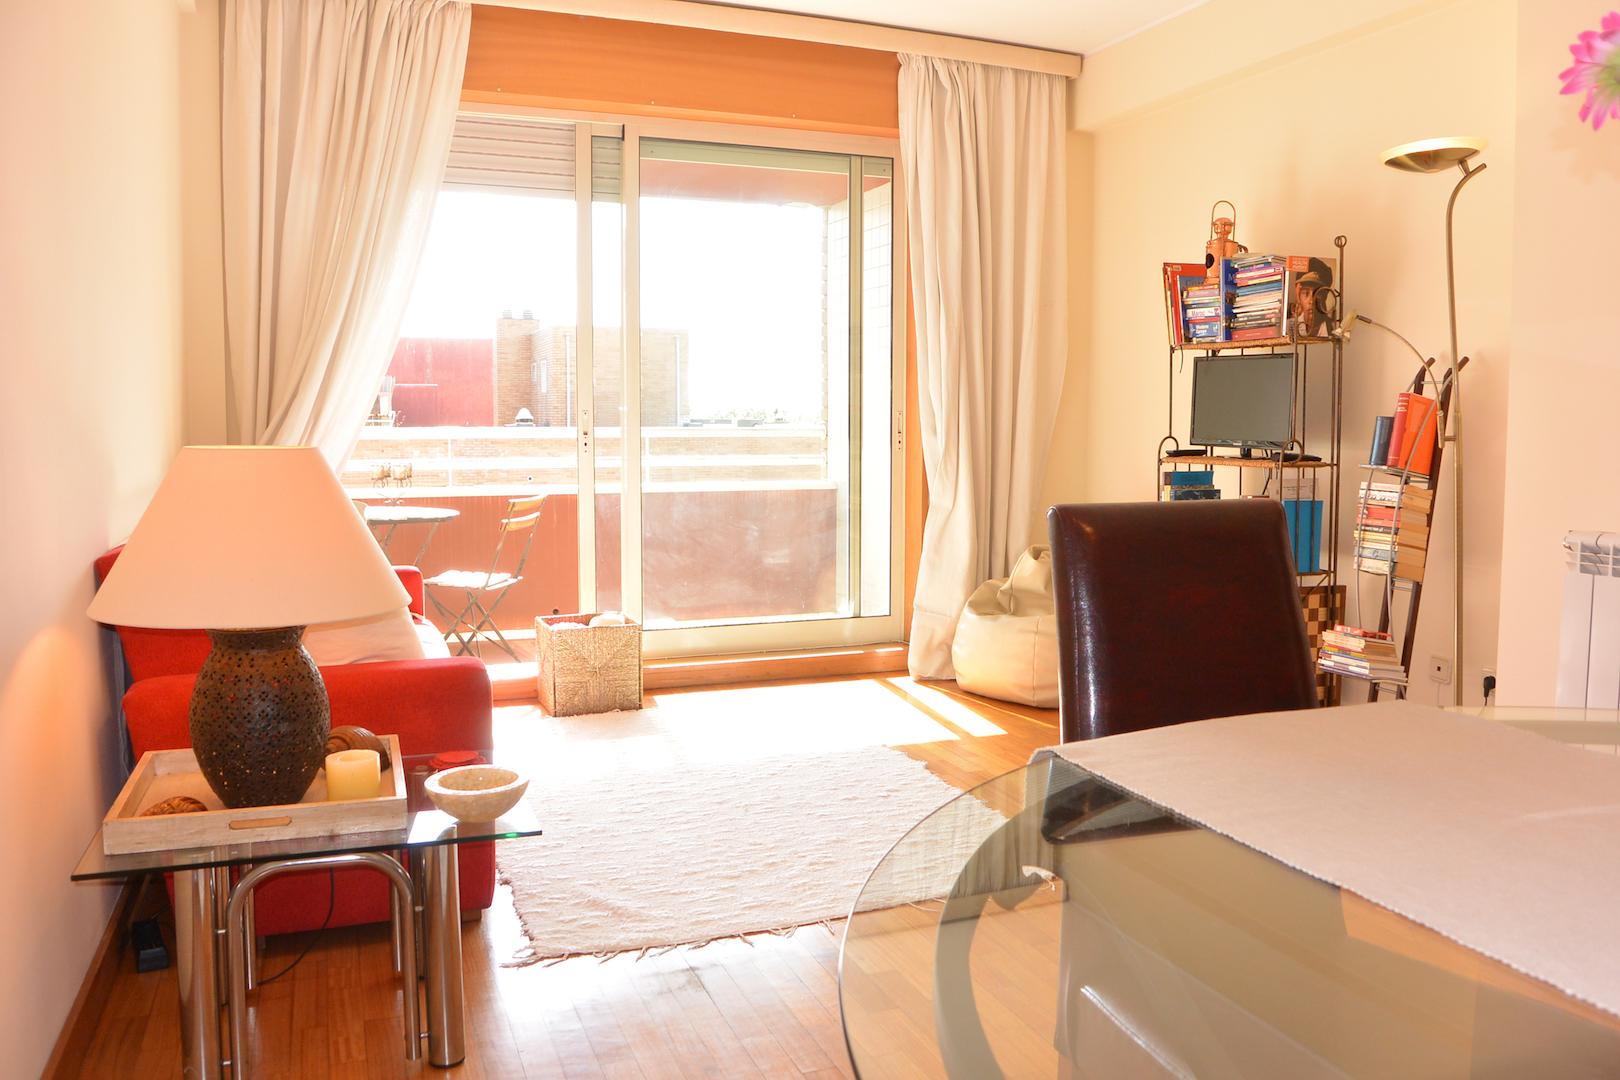 apartment in Matosinhos